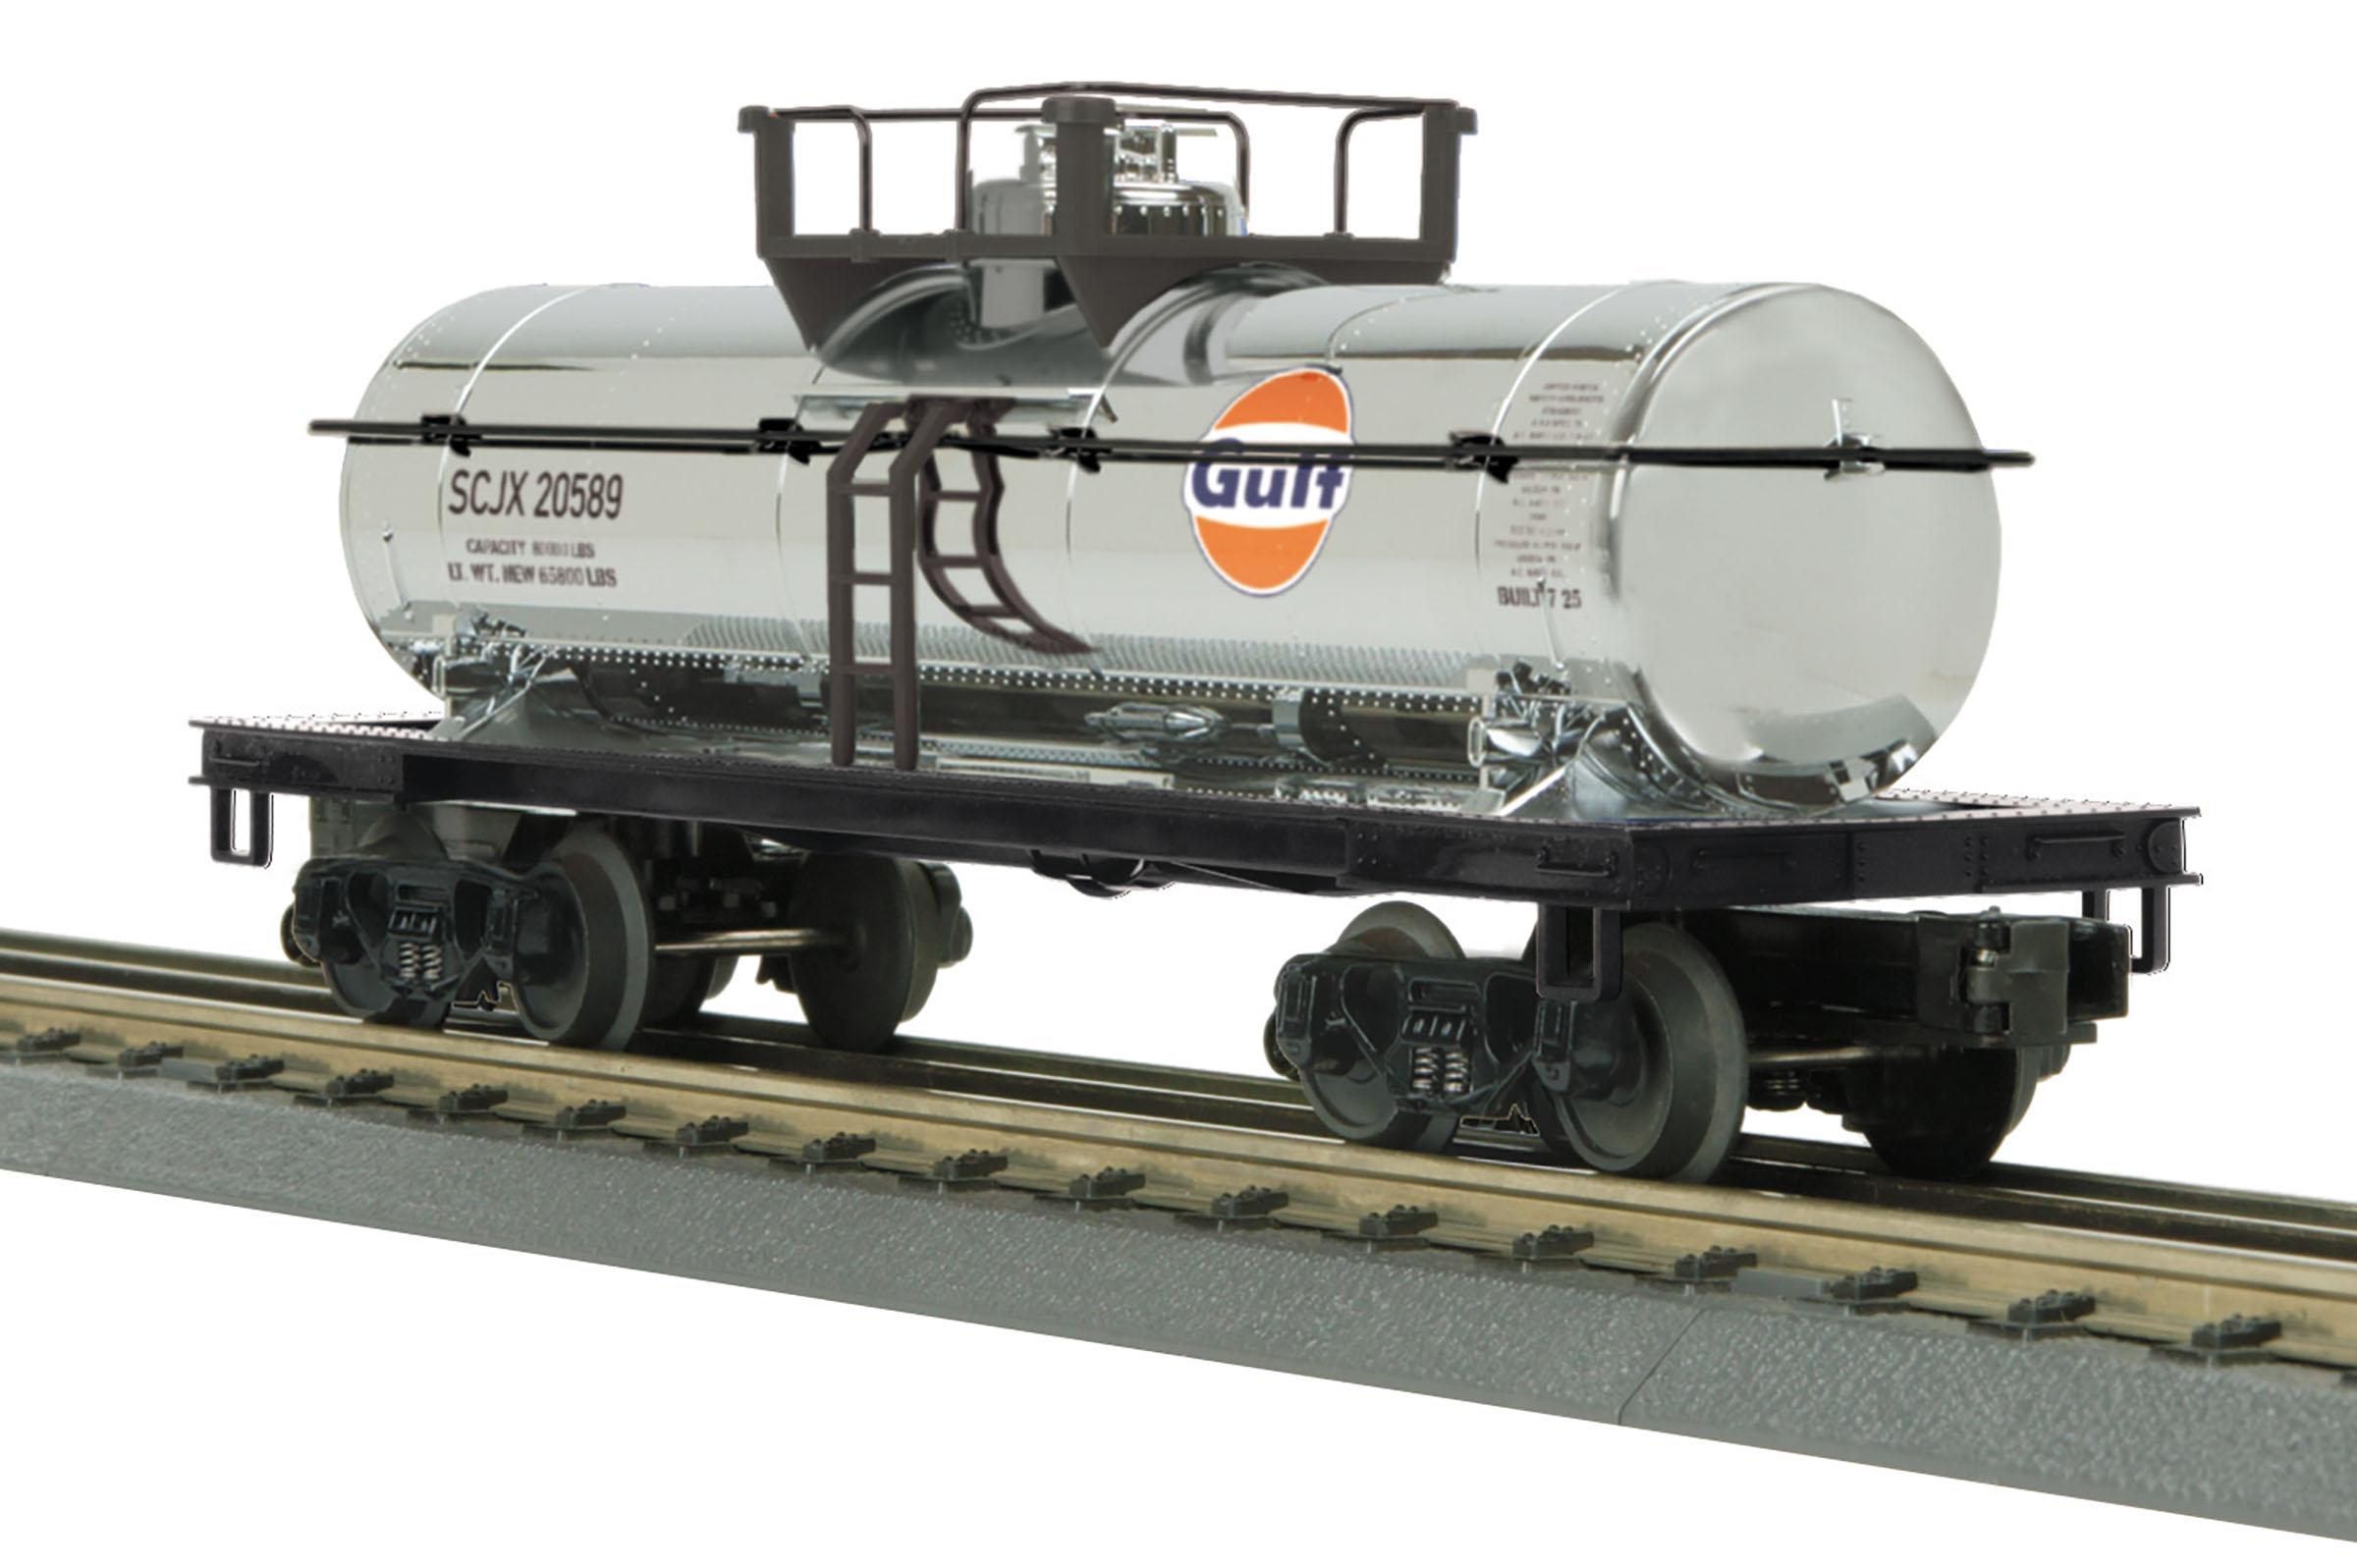 MTH 30-73553 Tank Car 3 Rail RailKing Gulf 20589